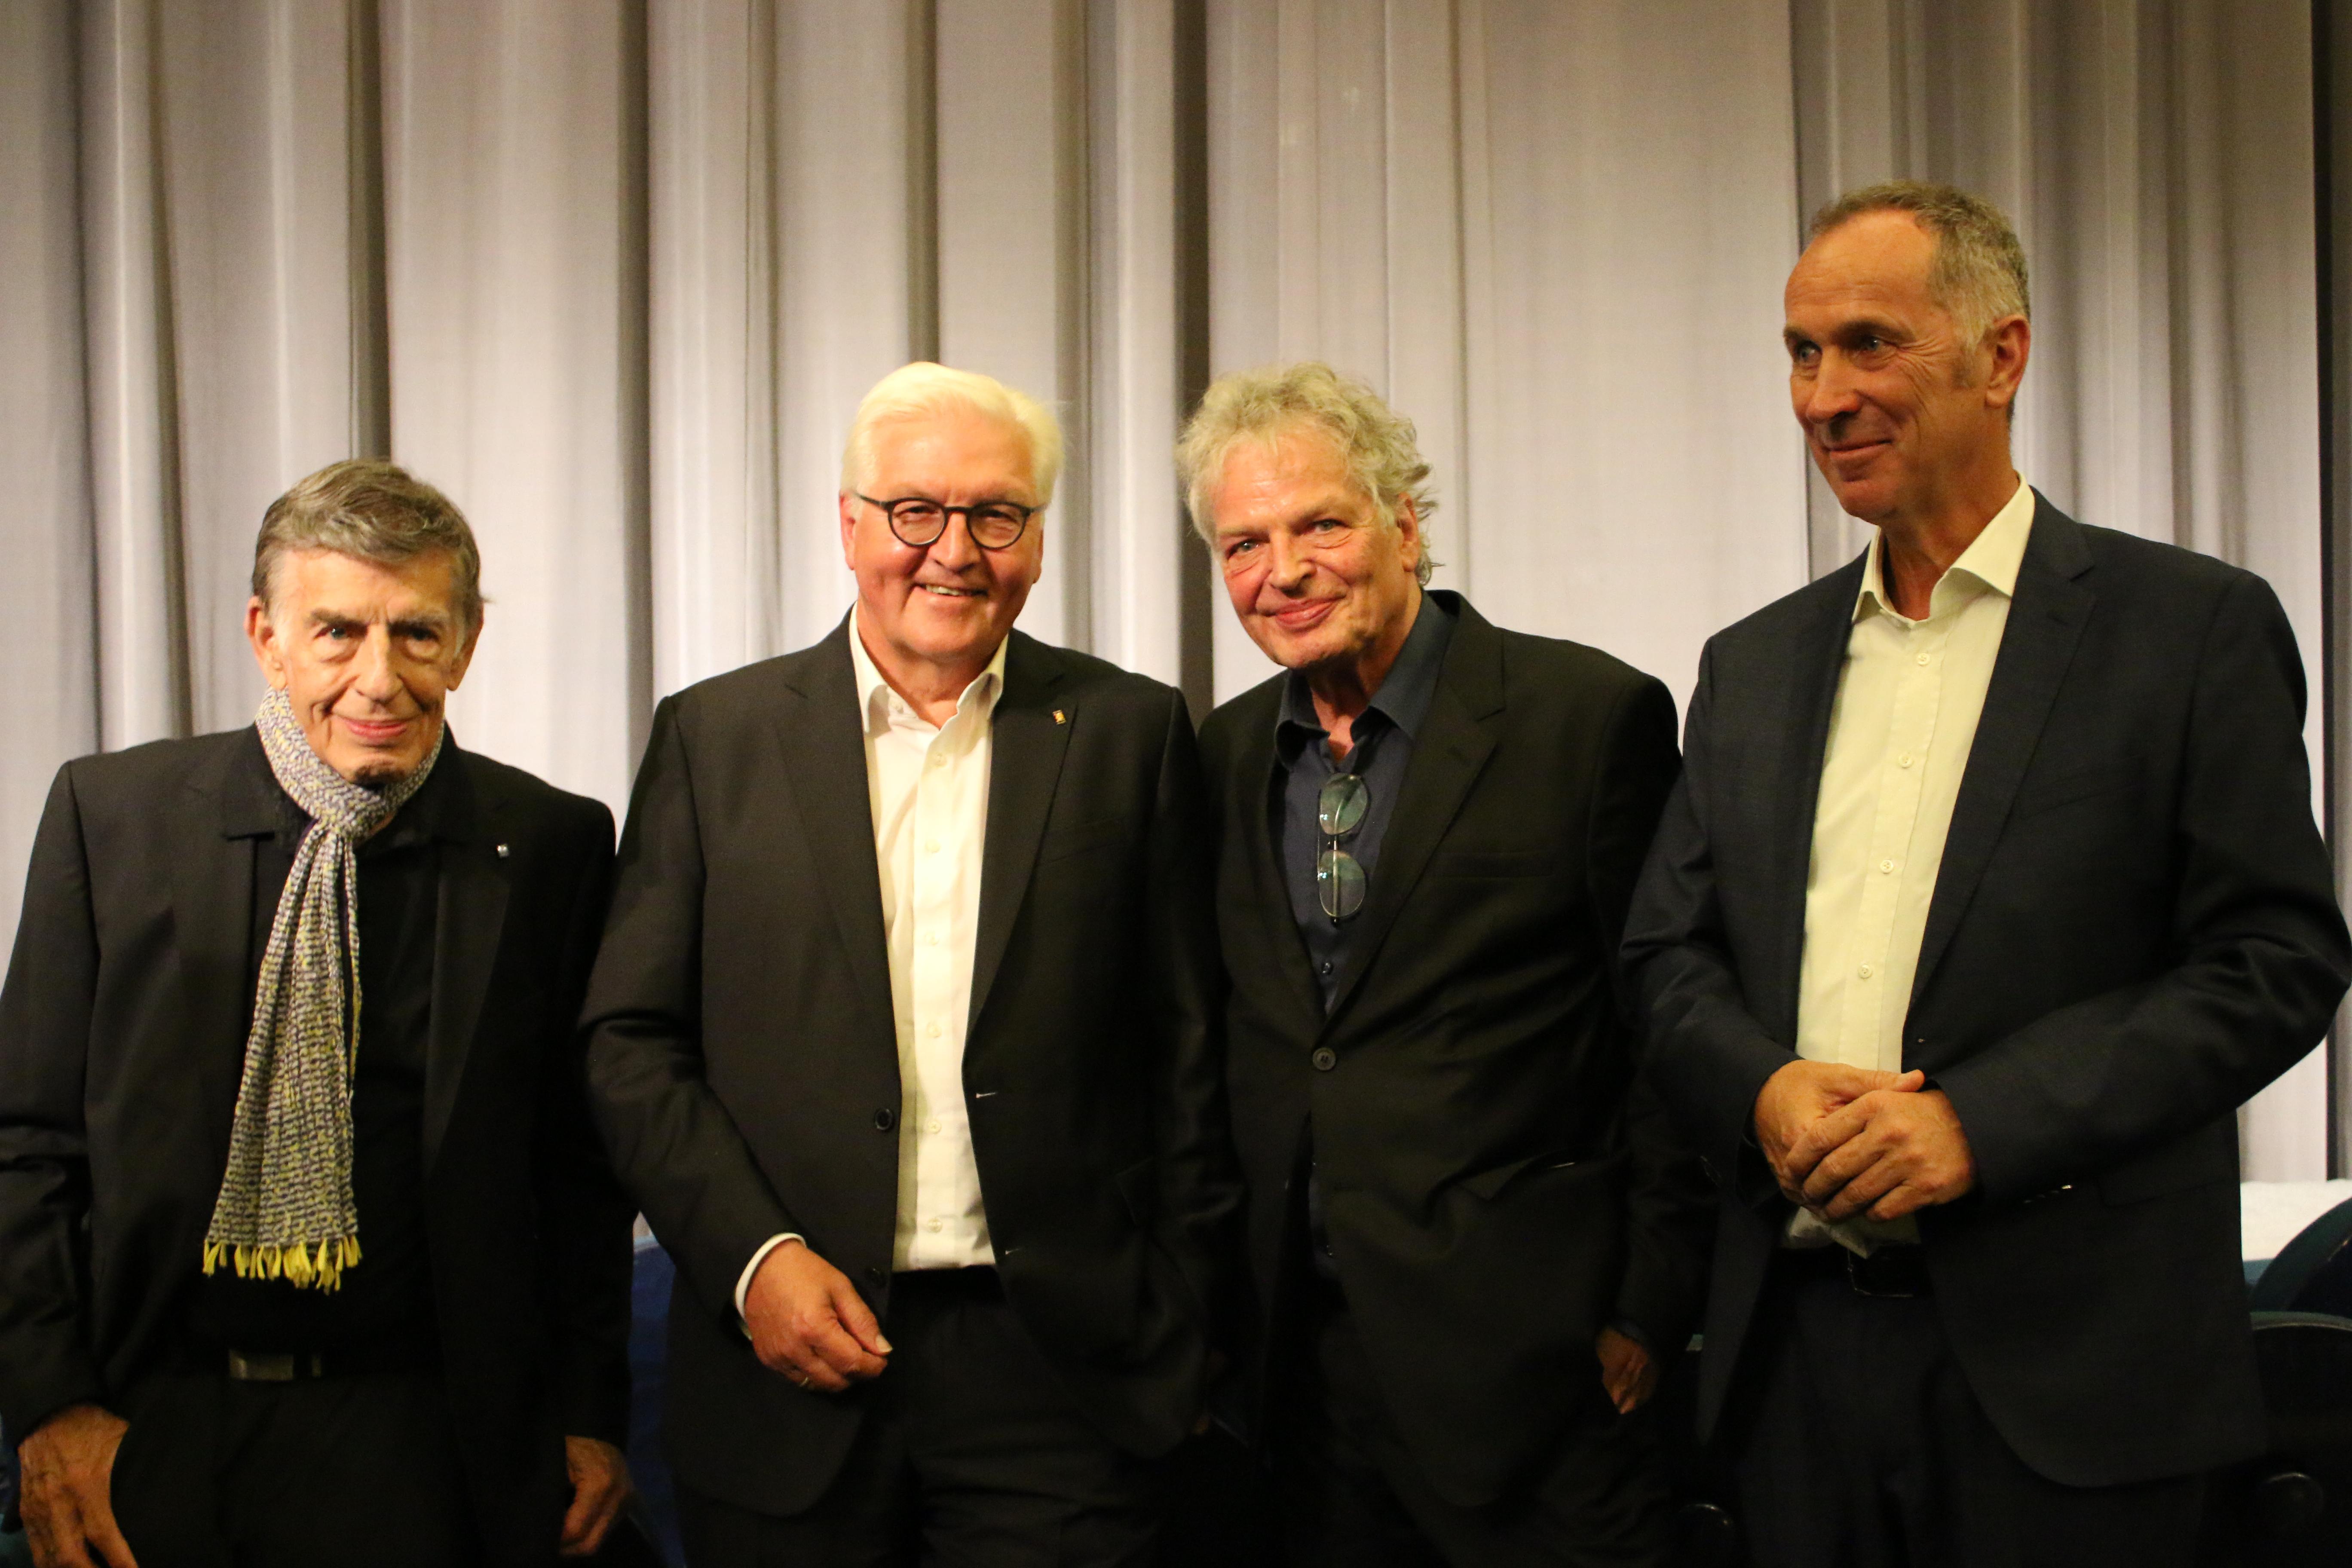 Gruppenfoto mit Steinmeier